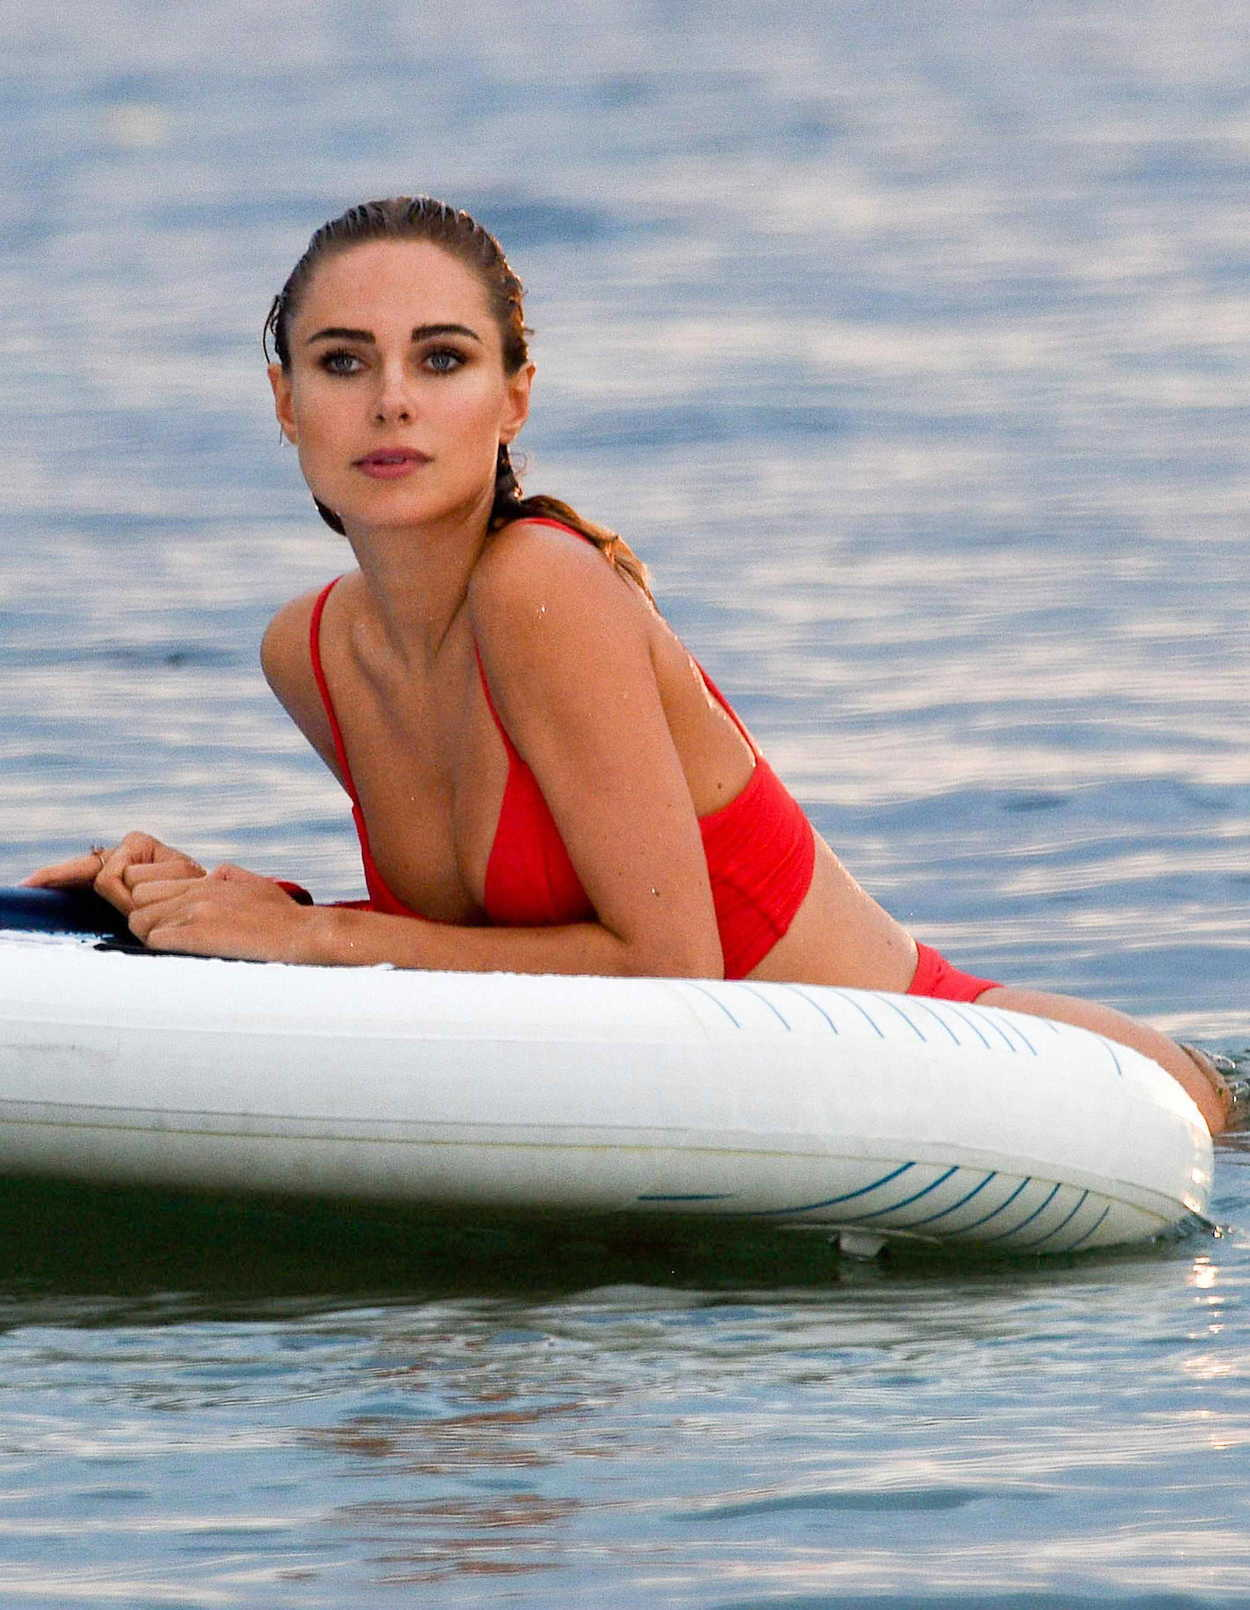 Kimberley Garner in Yellow Bikini on the beach in Miami Pic 6 of 35